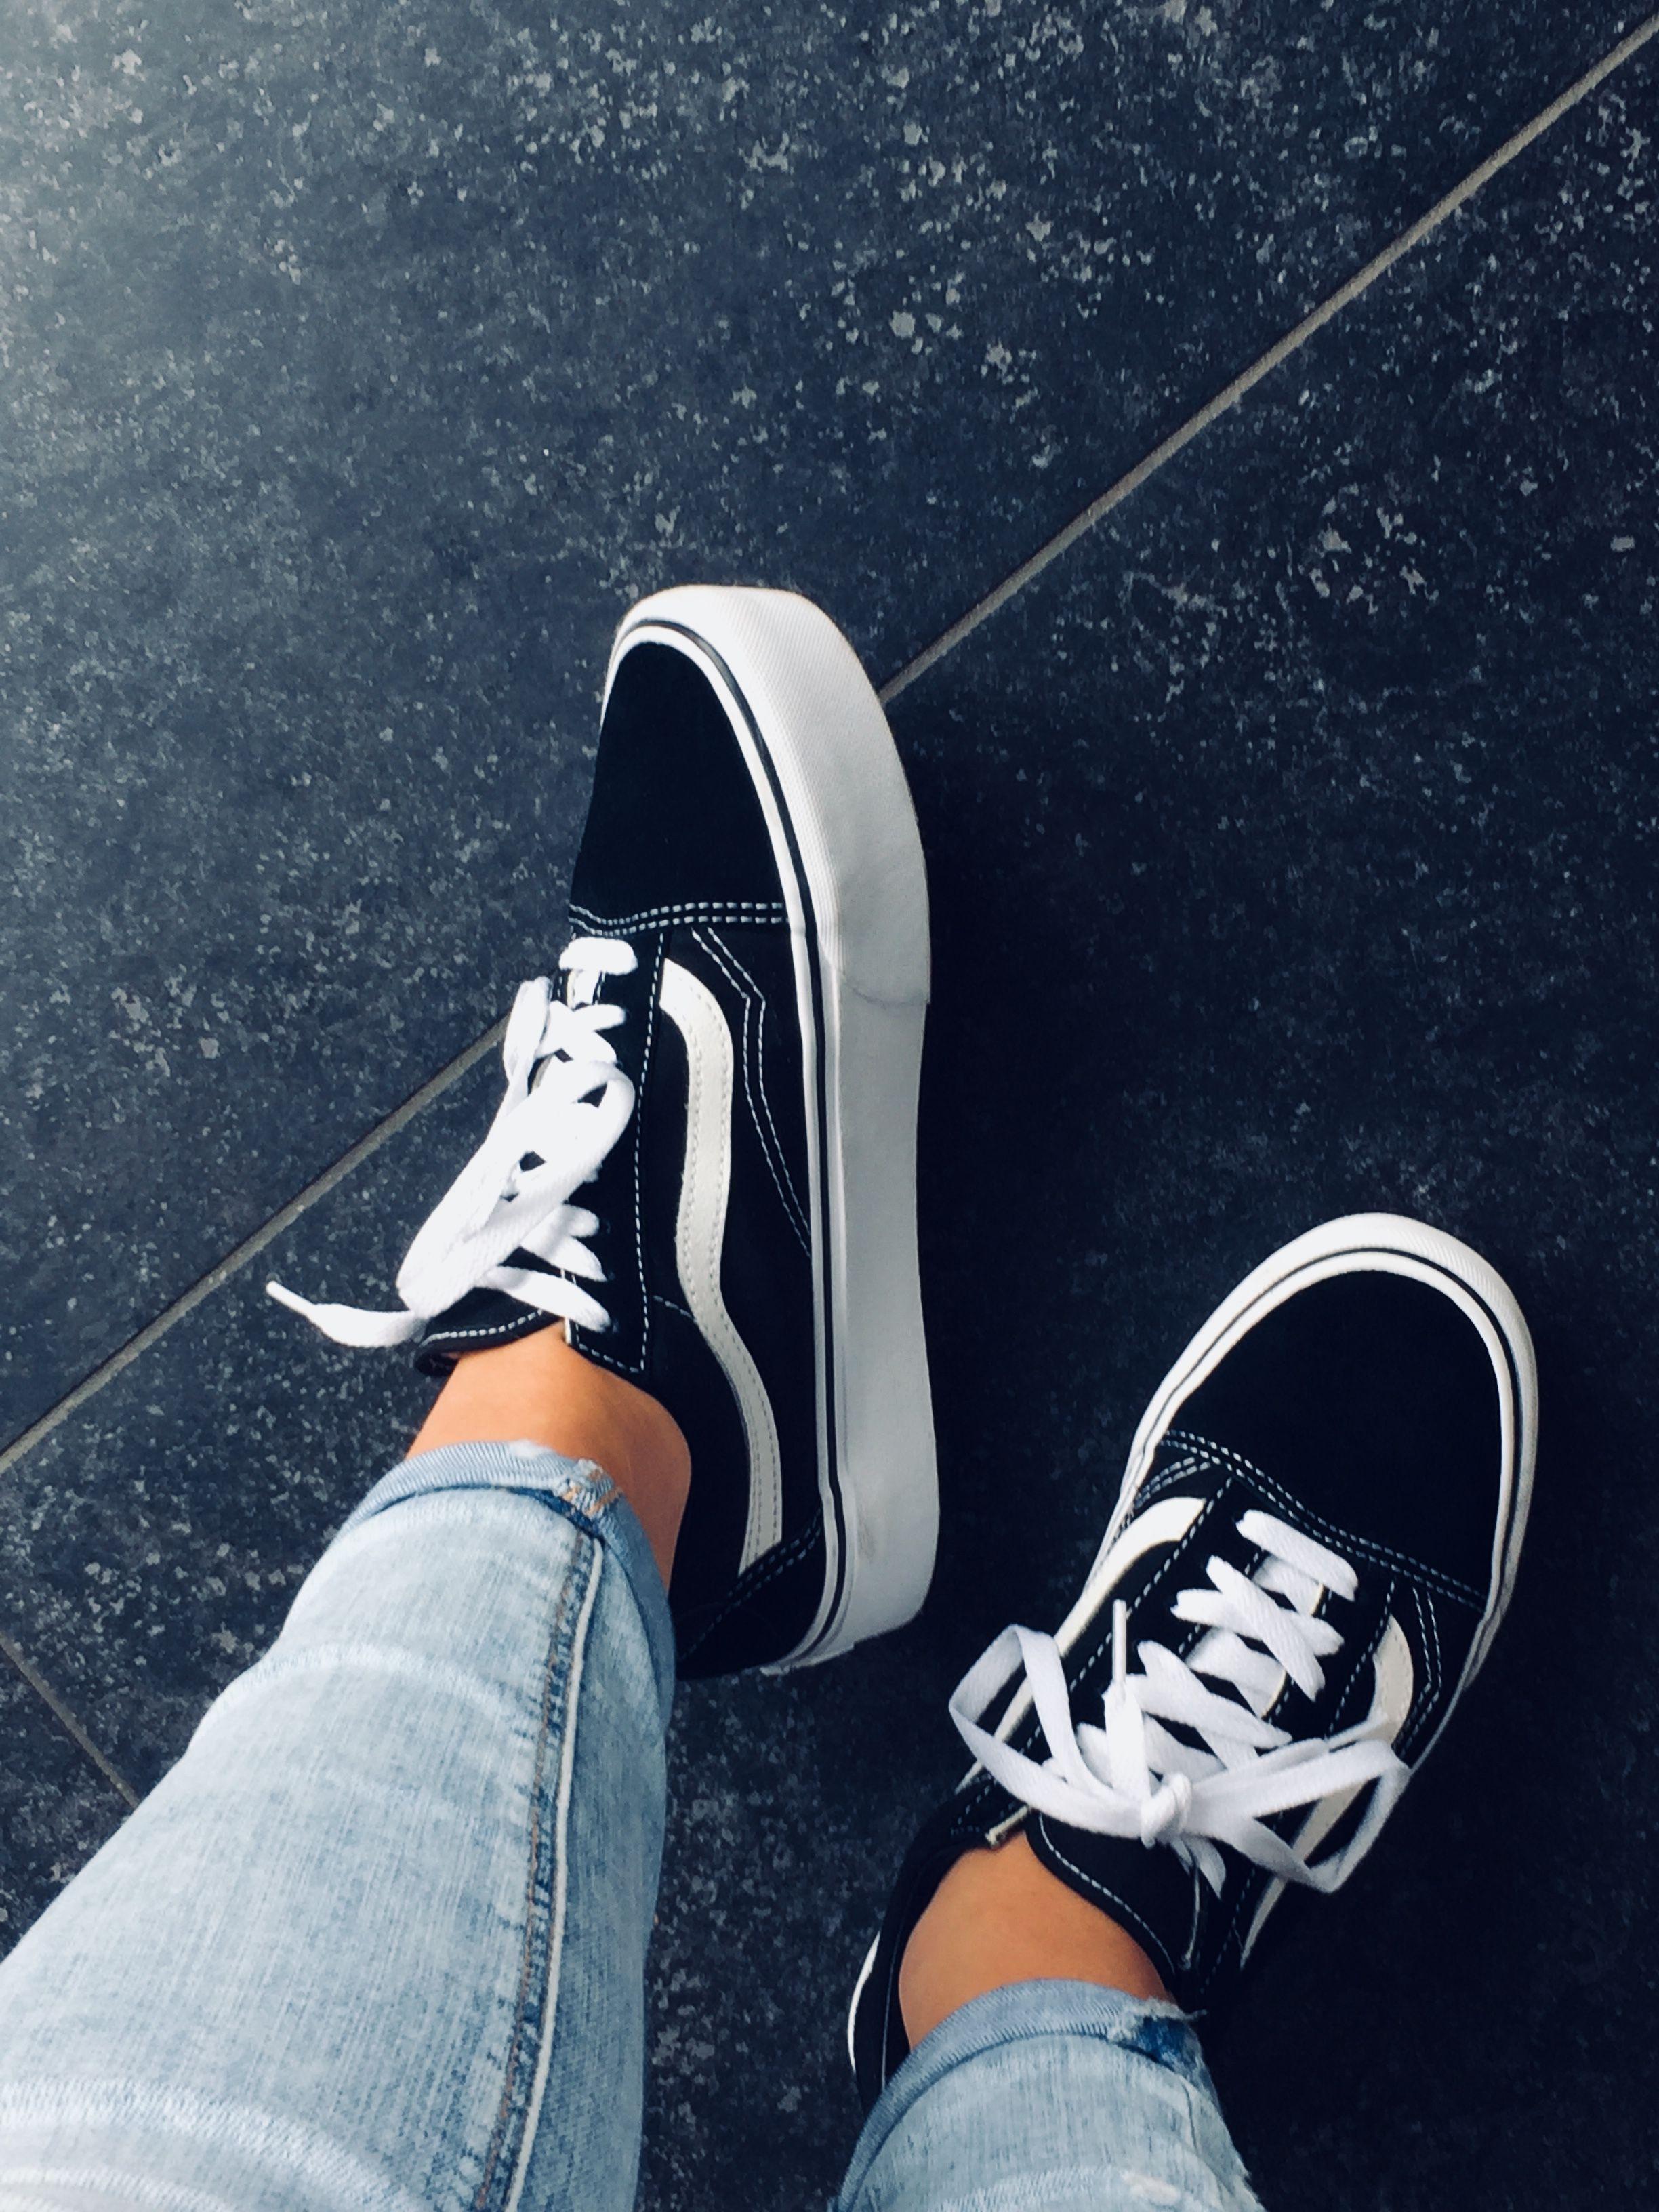 Vans old skool platform | Schoenen sneakers, Trendy schoenen ...